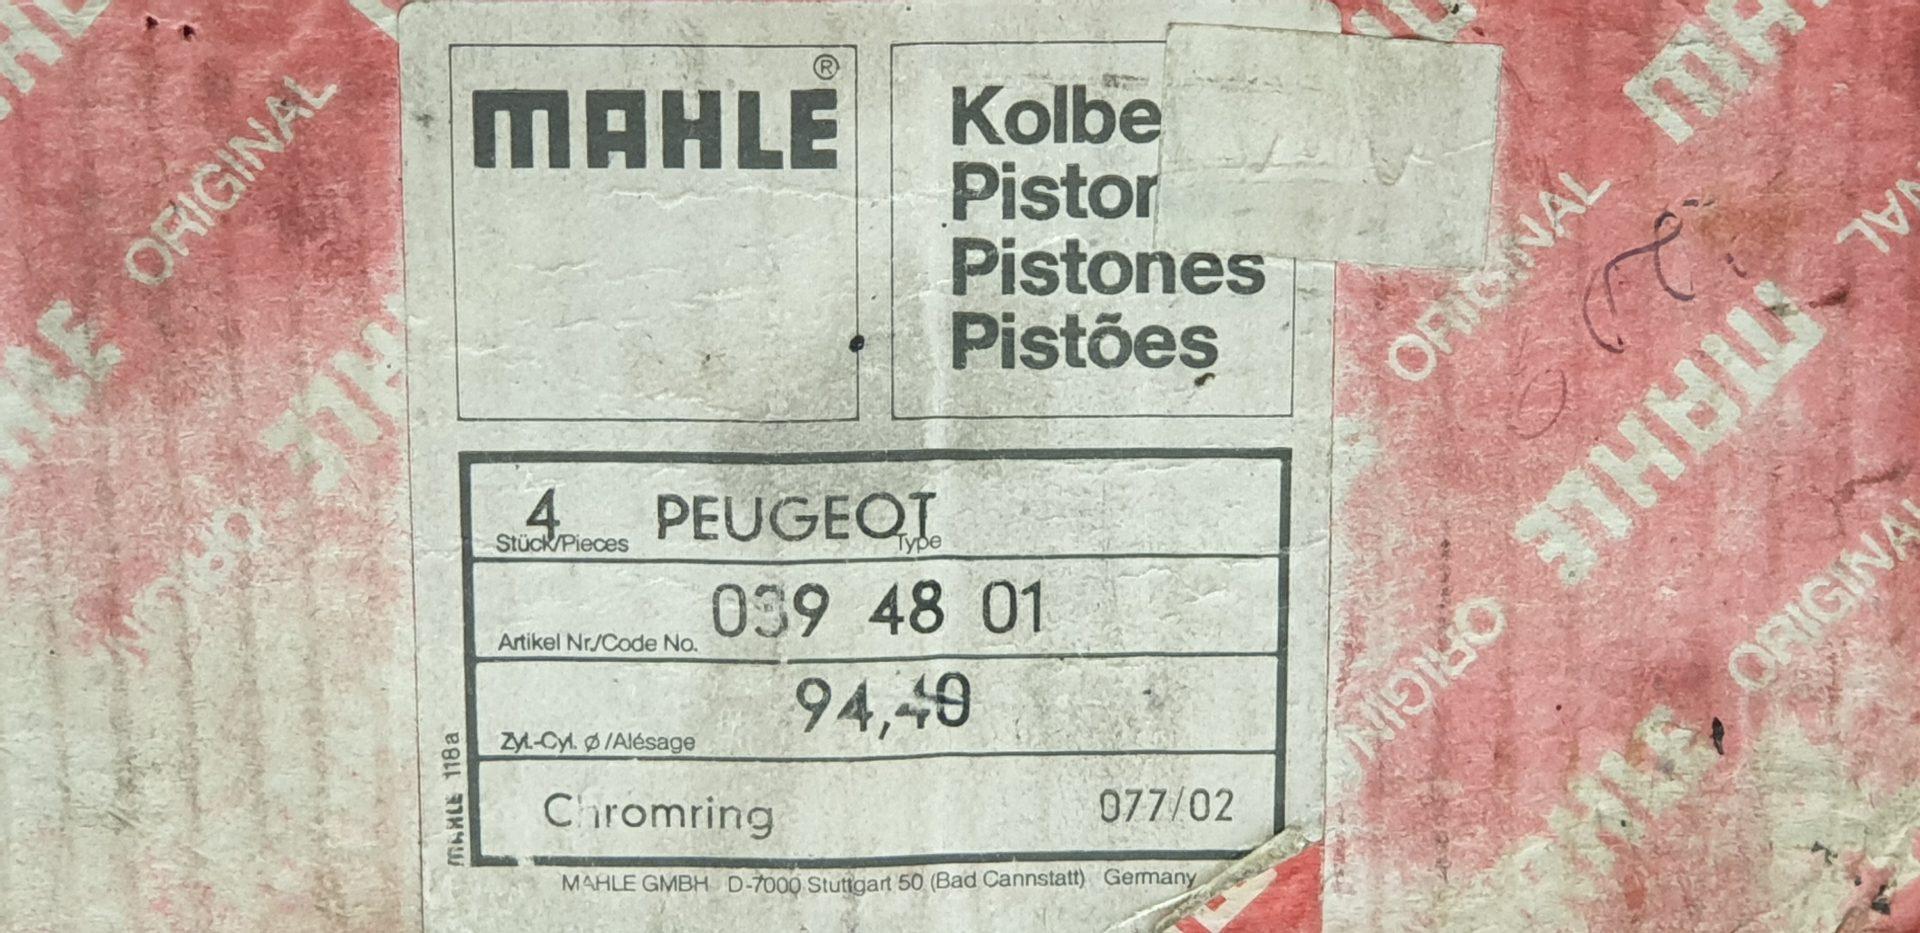 peugeot 2.3d 039 48 01 +0,40mm l